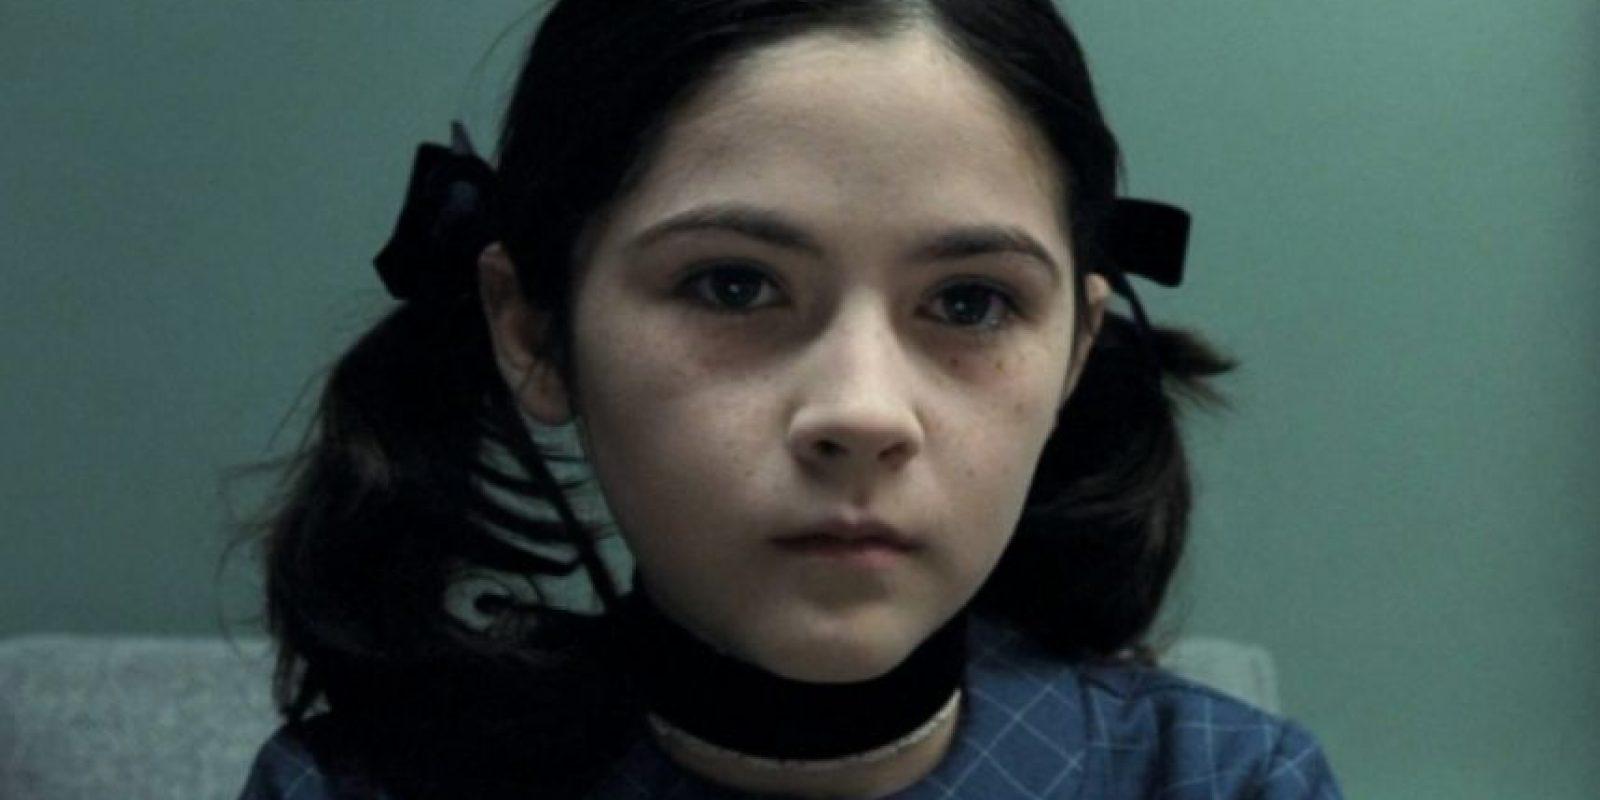 Isabelle Fuhrman interpretó a uno de los personajes más escalofriantes de la historia del cine. Foto:vía Warner